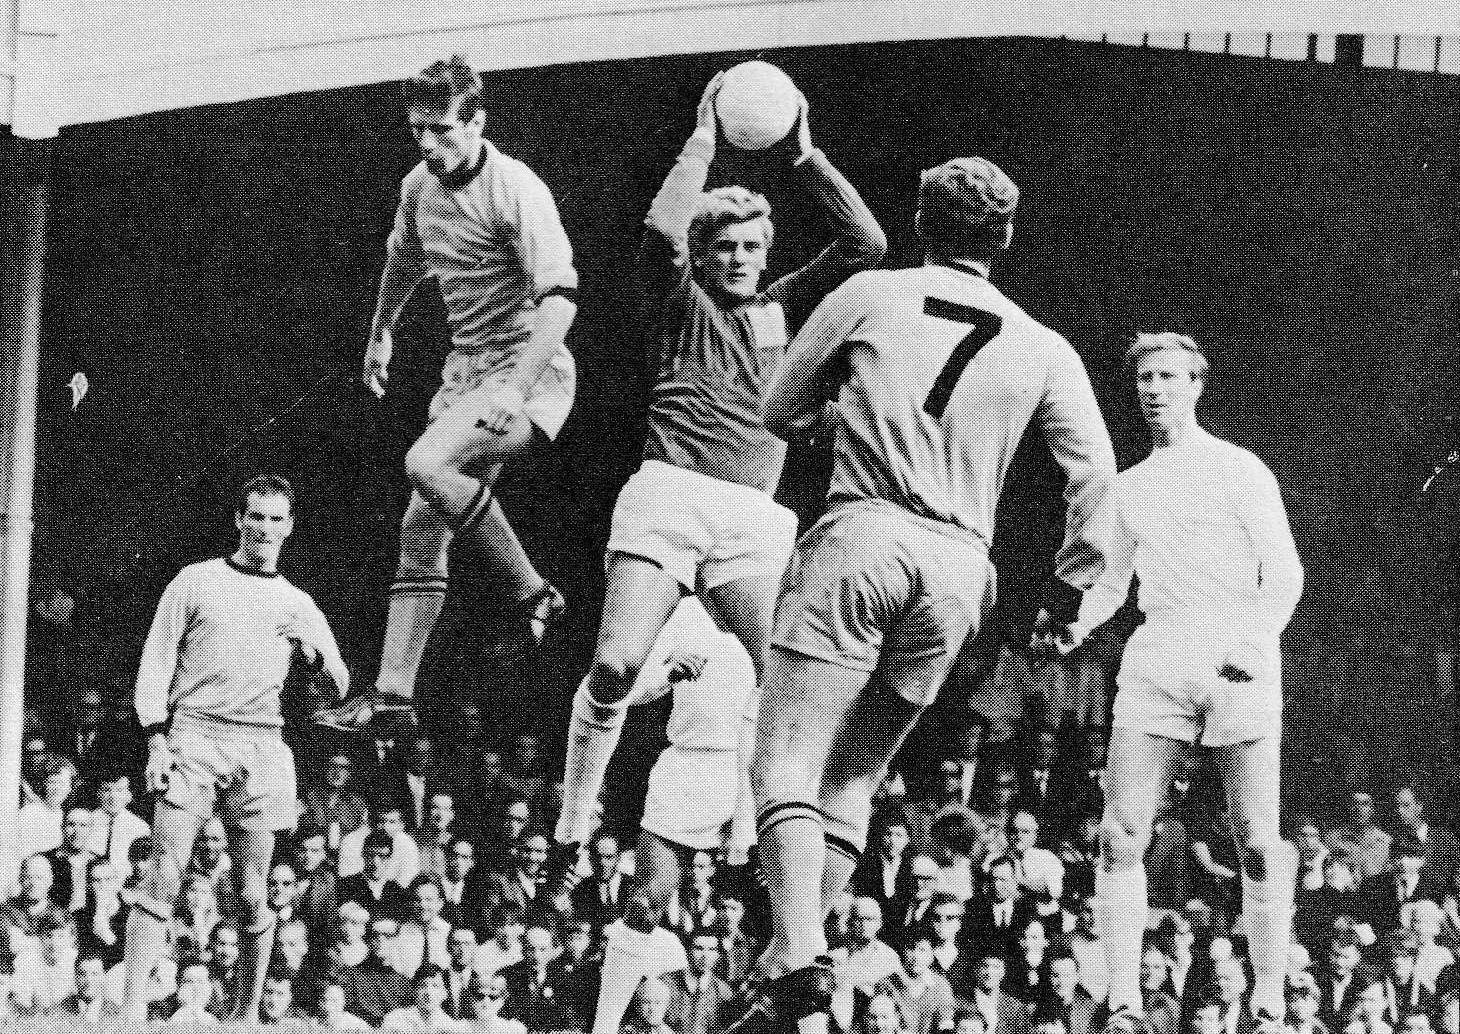 Гэри Спрейк, Лидс Юнайтед 1967